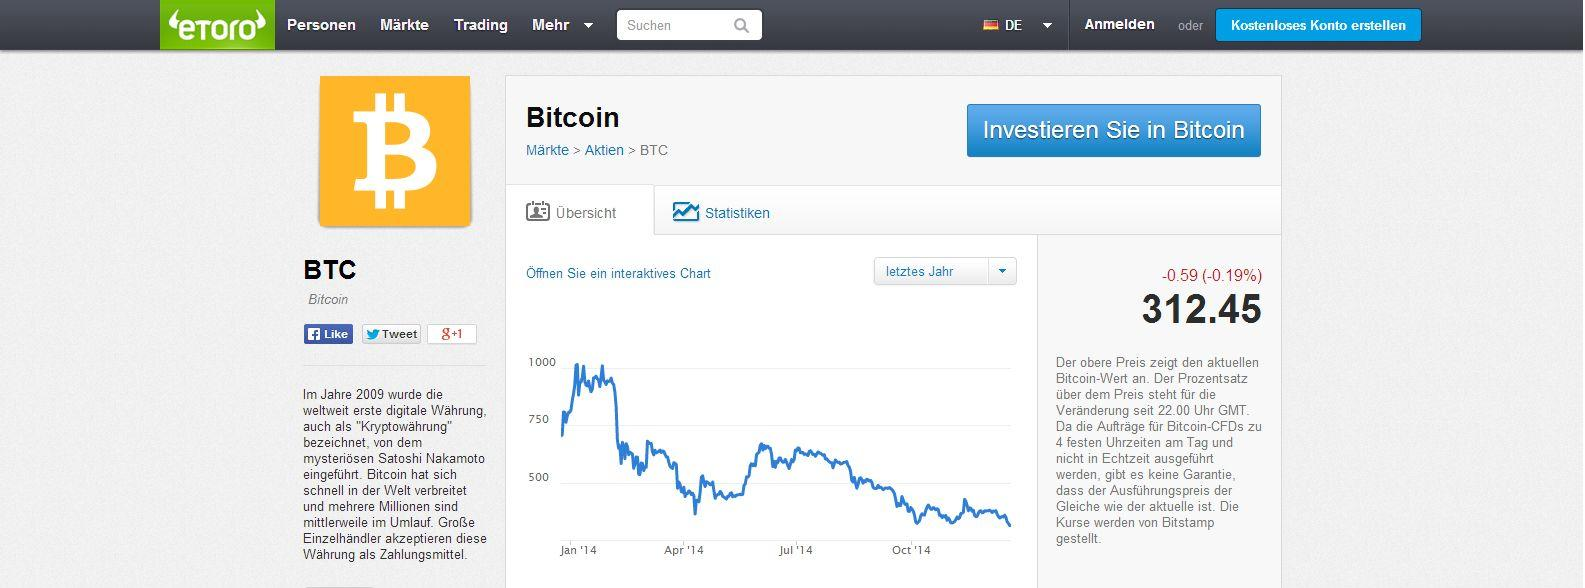 Auch auf eToro ist die Kryptowährung Bitcoin die wertvollste Währung